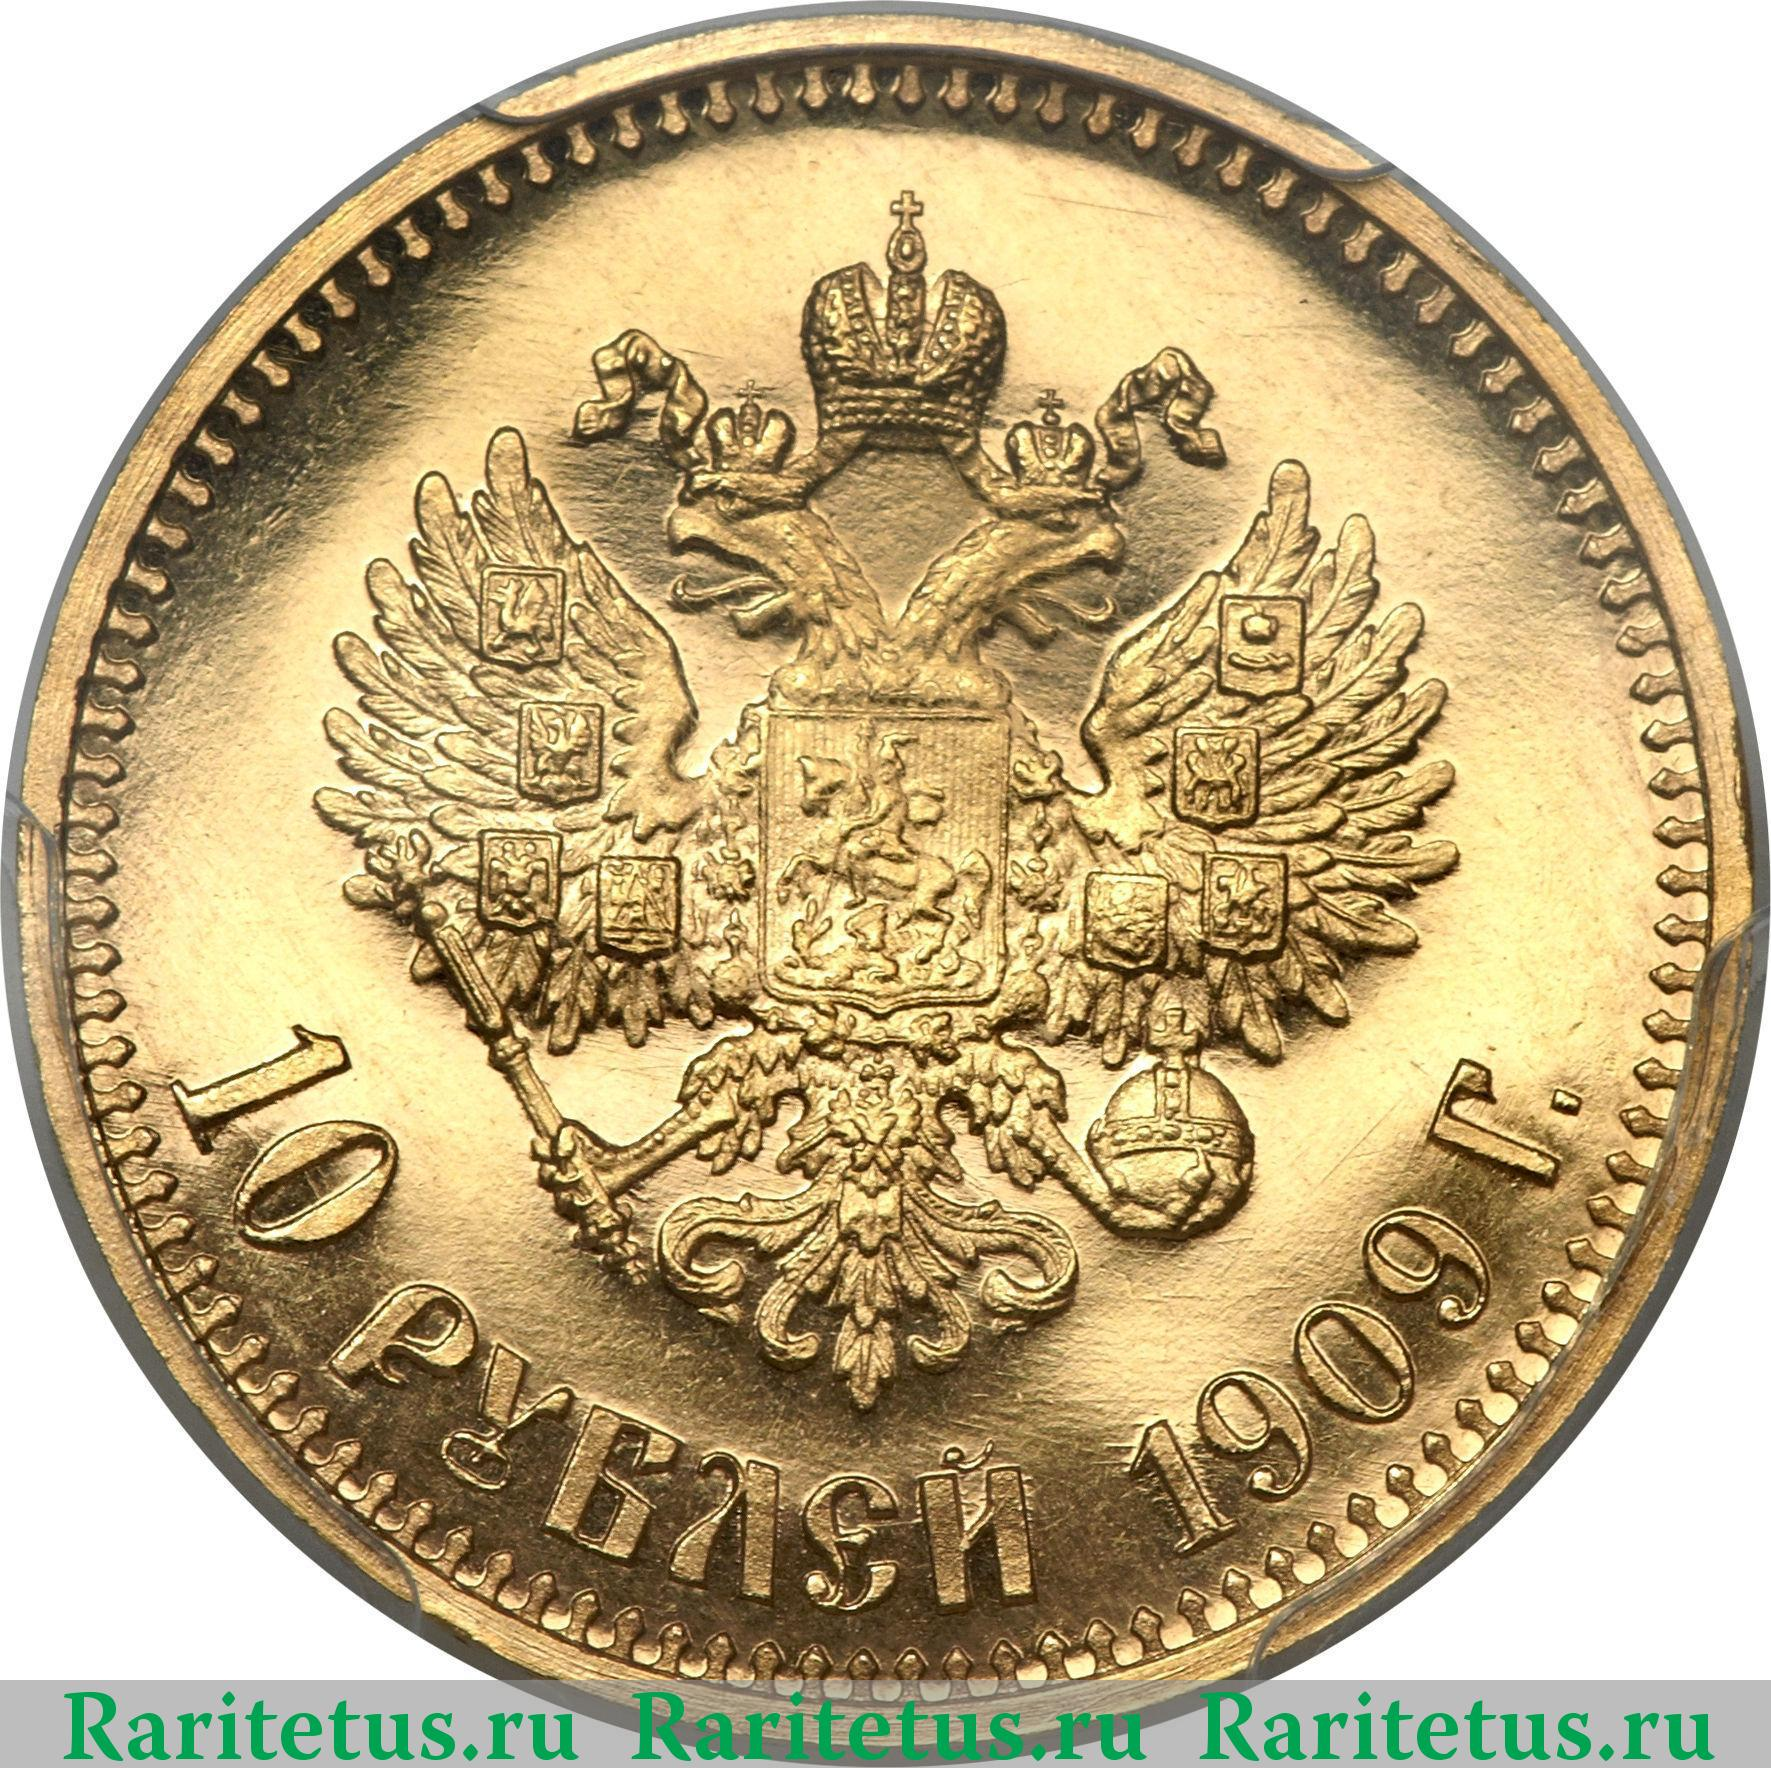 10 рублей 1909 монета монеты ссср 1917 1991